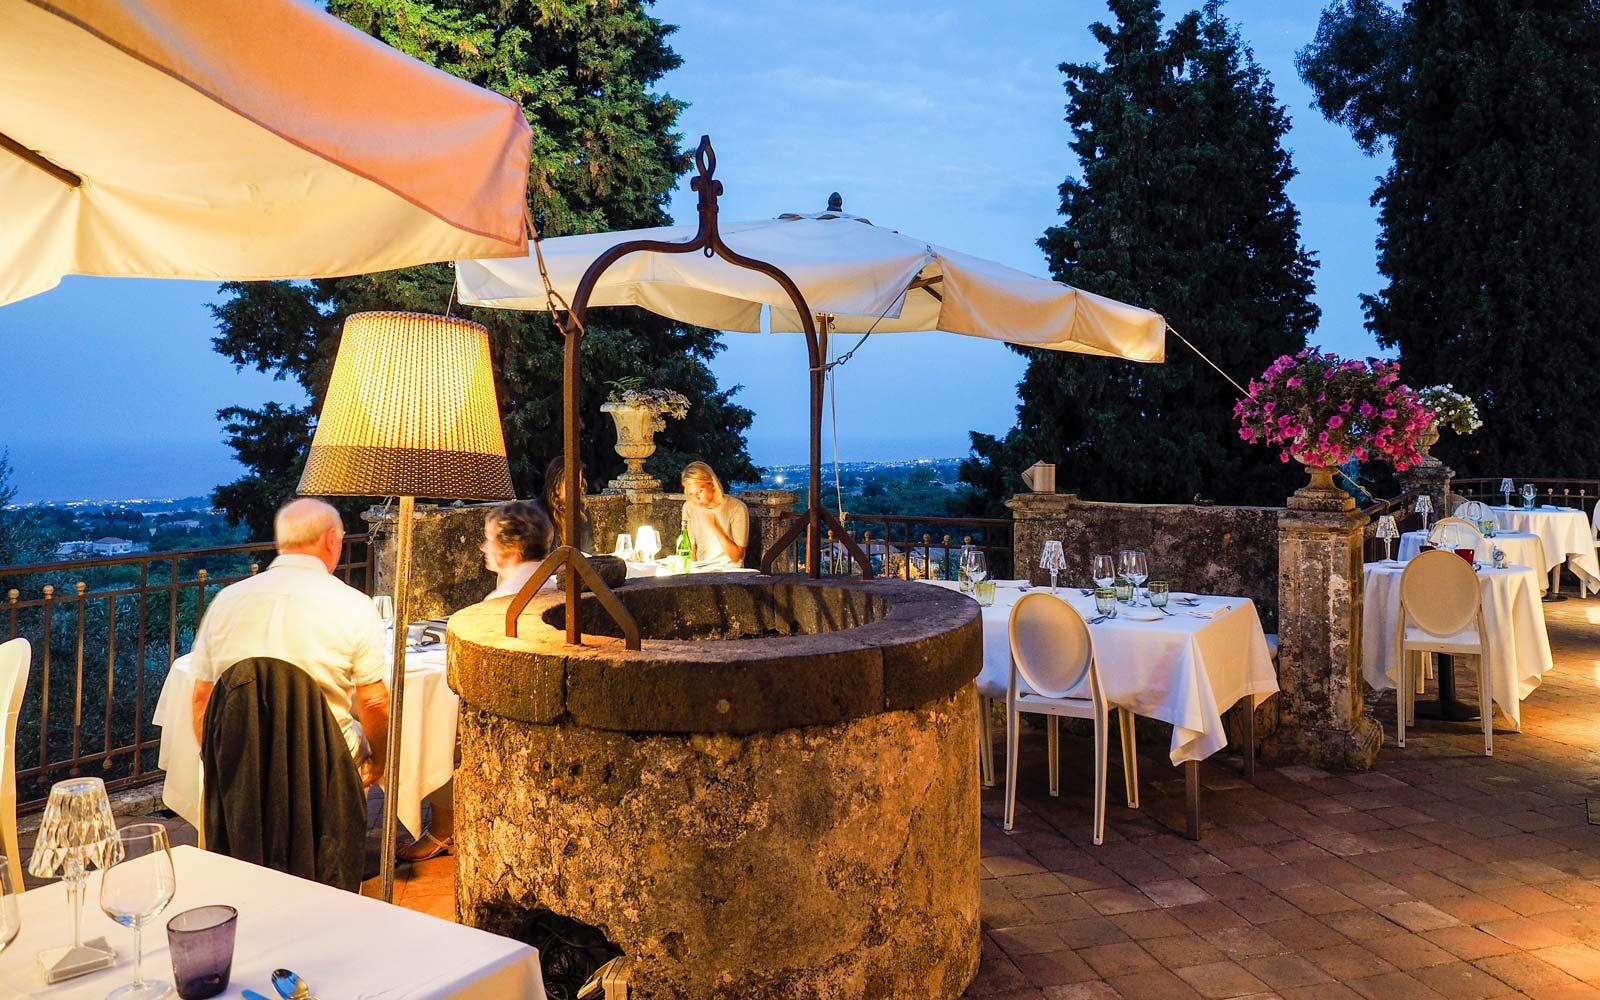 Monaci Delle Terre Nere Terrace Restaurant